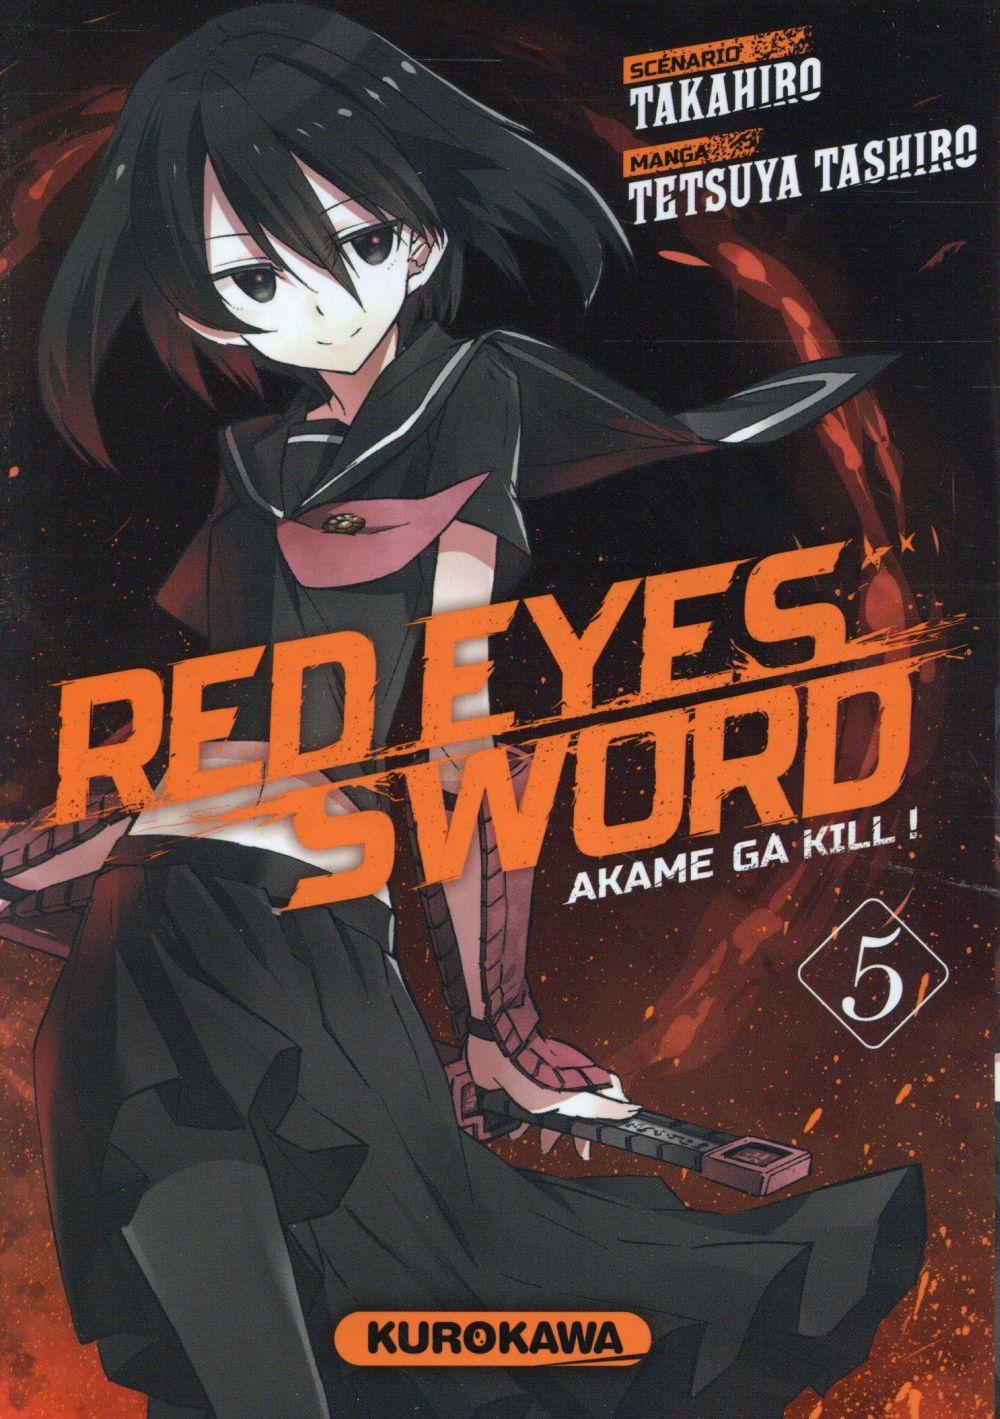 Red eyes sword - Akame ga Kill  T.5